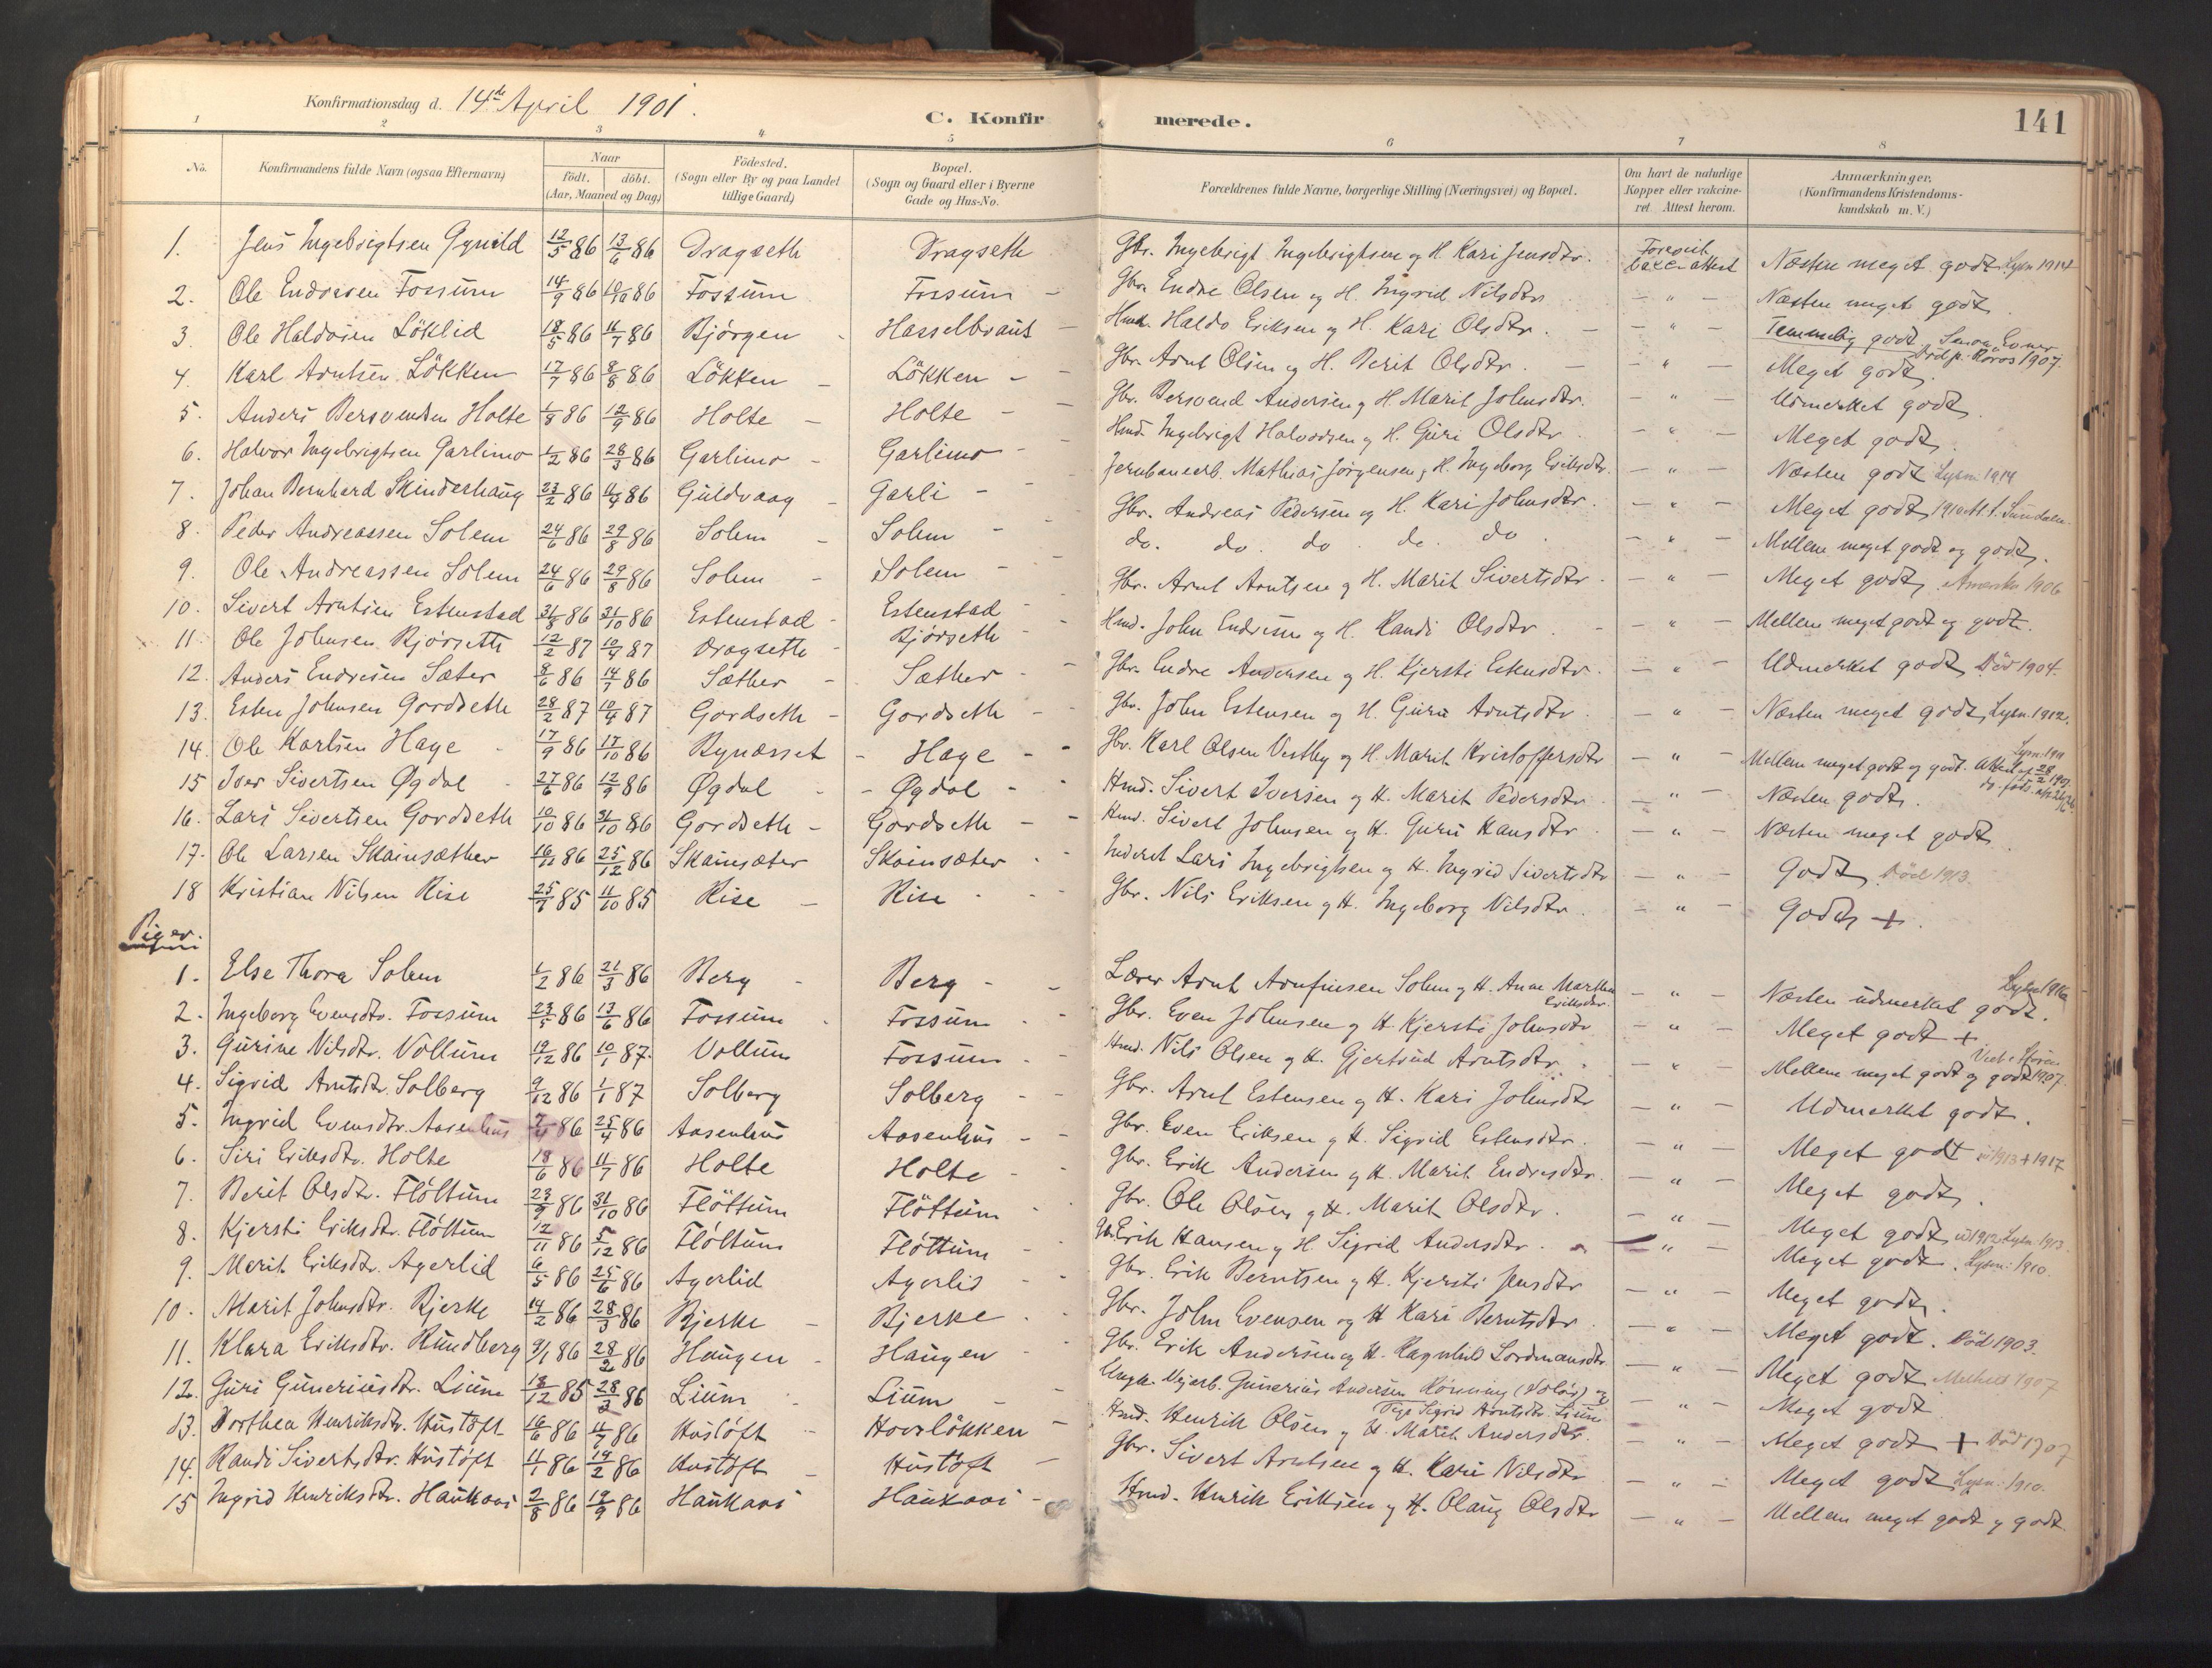 SAT, Ministerialprotokoller, klokkerbøker og fødselsregistre - Sør-Trøndelag, 689/L1041: Ministerialbok nr. 689A06, 1891-1923, s. 141